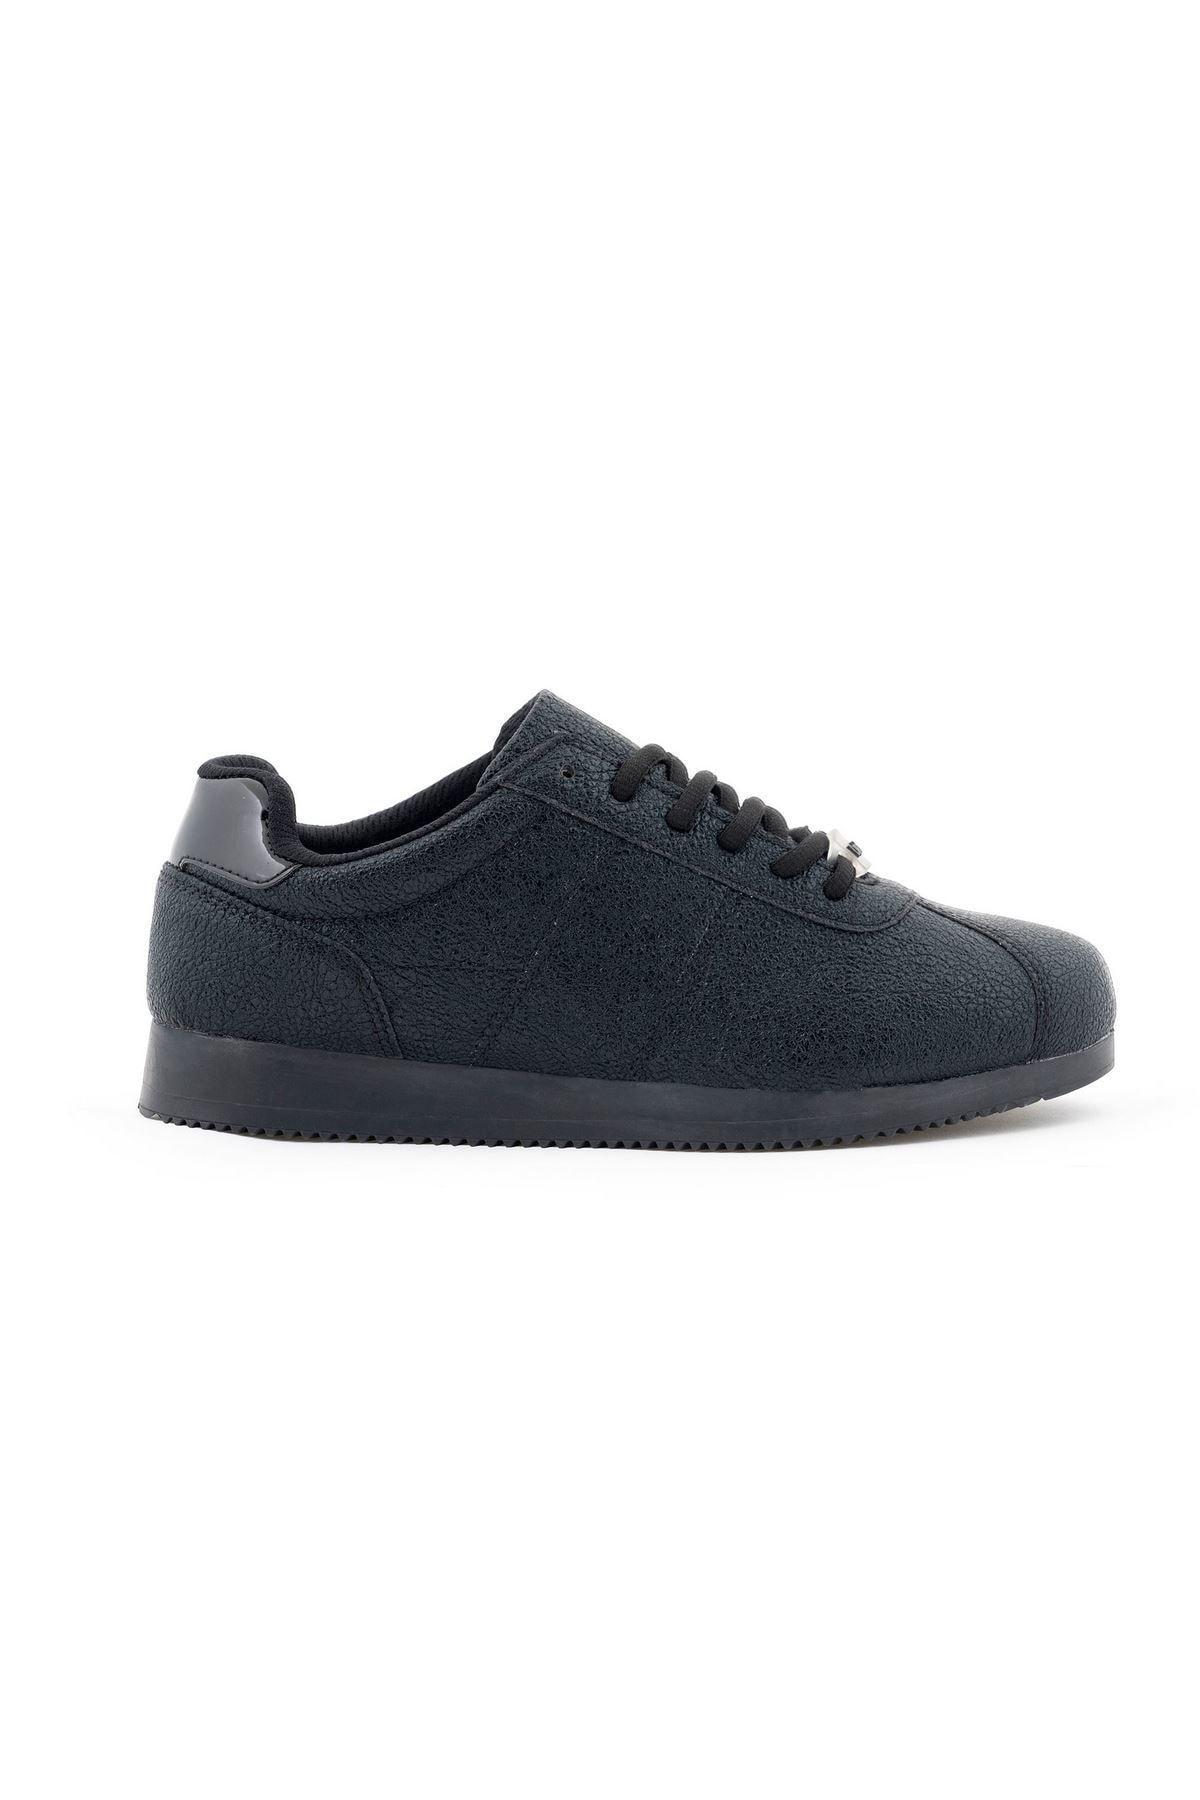 LETOON Kadın Casual Ayakkabı - 7225ZN 1